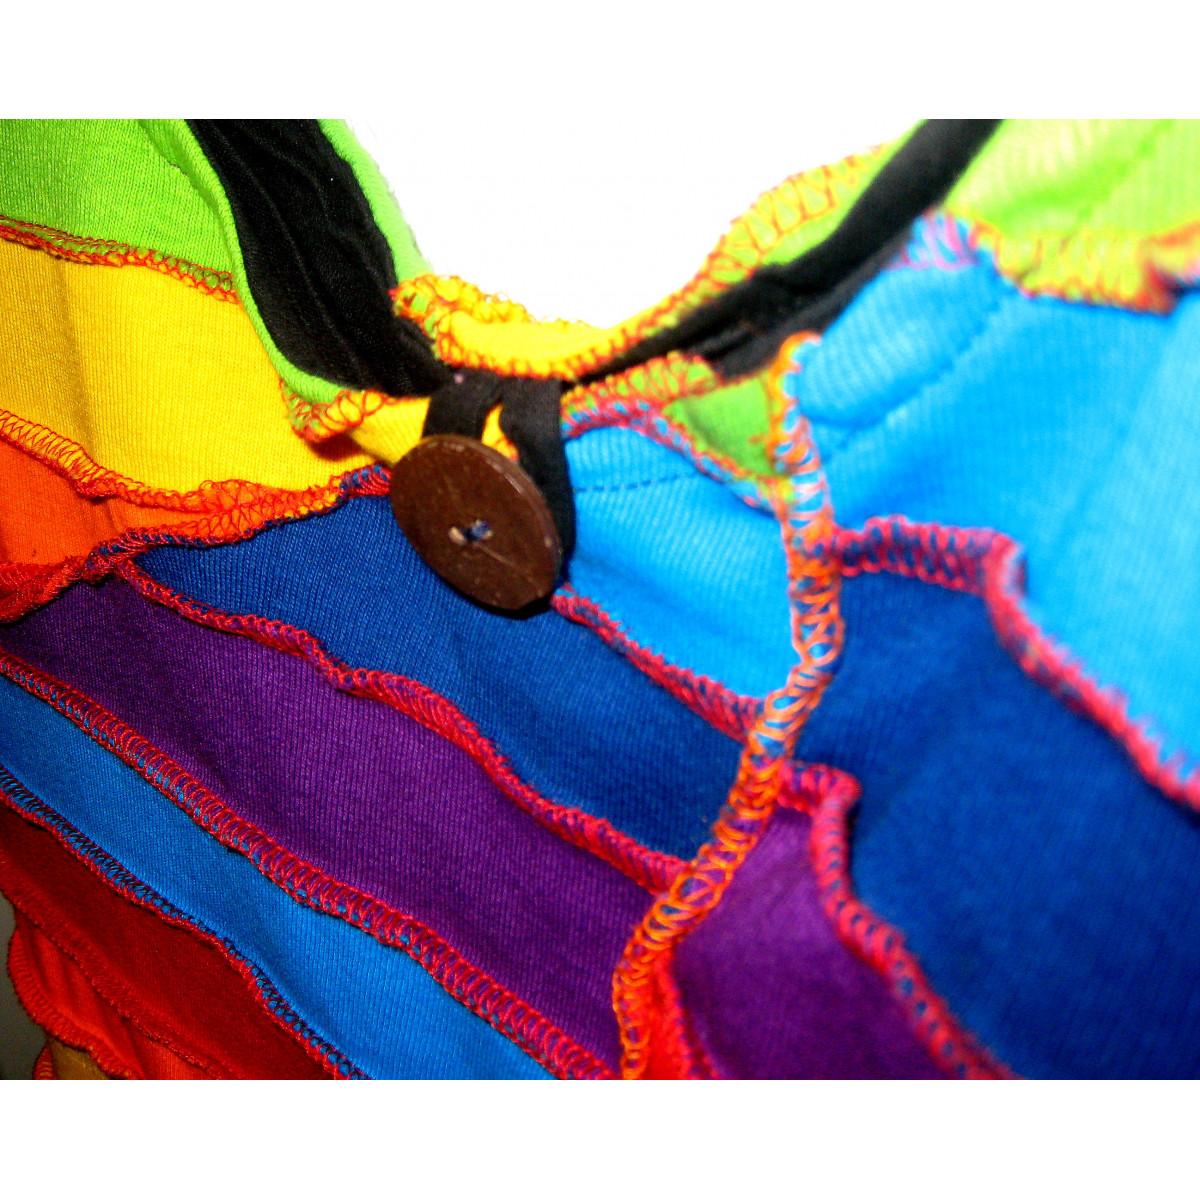 Bags rainbow bag